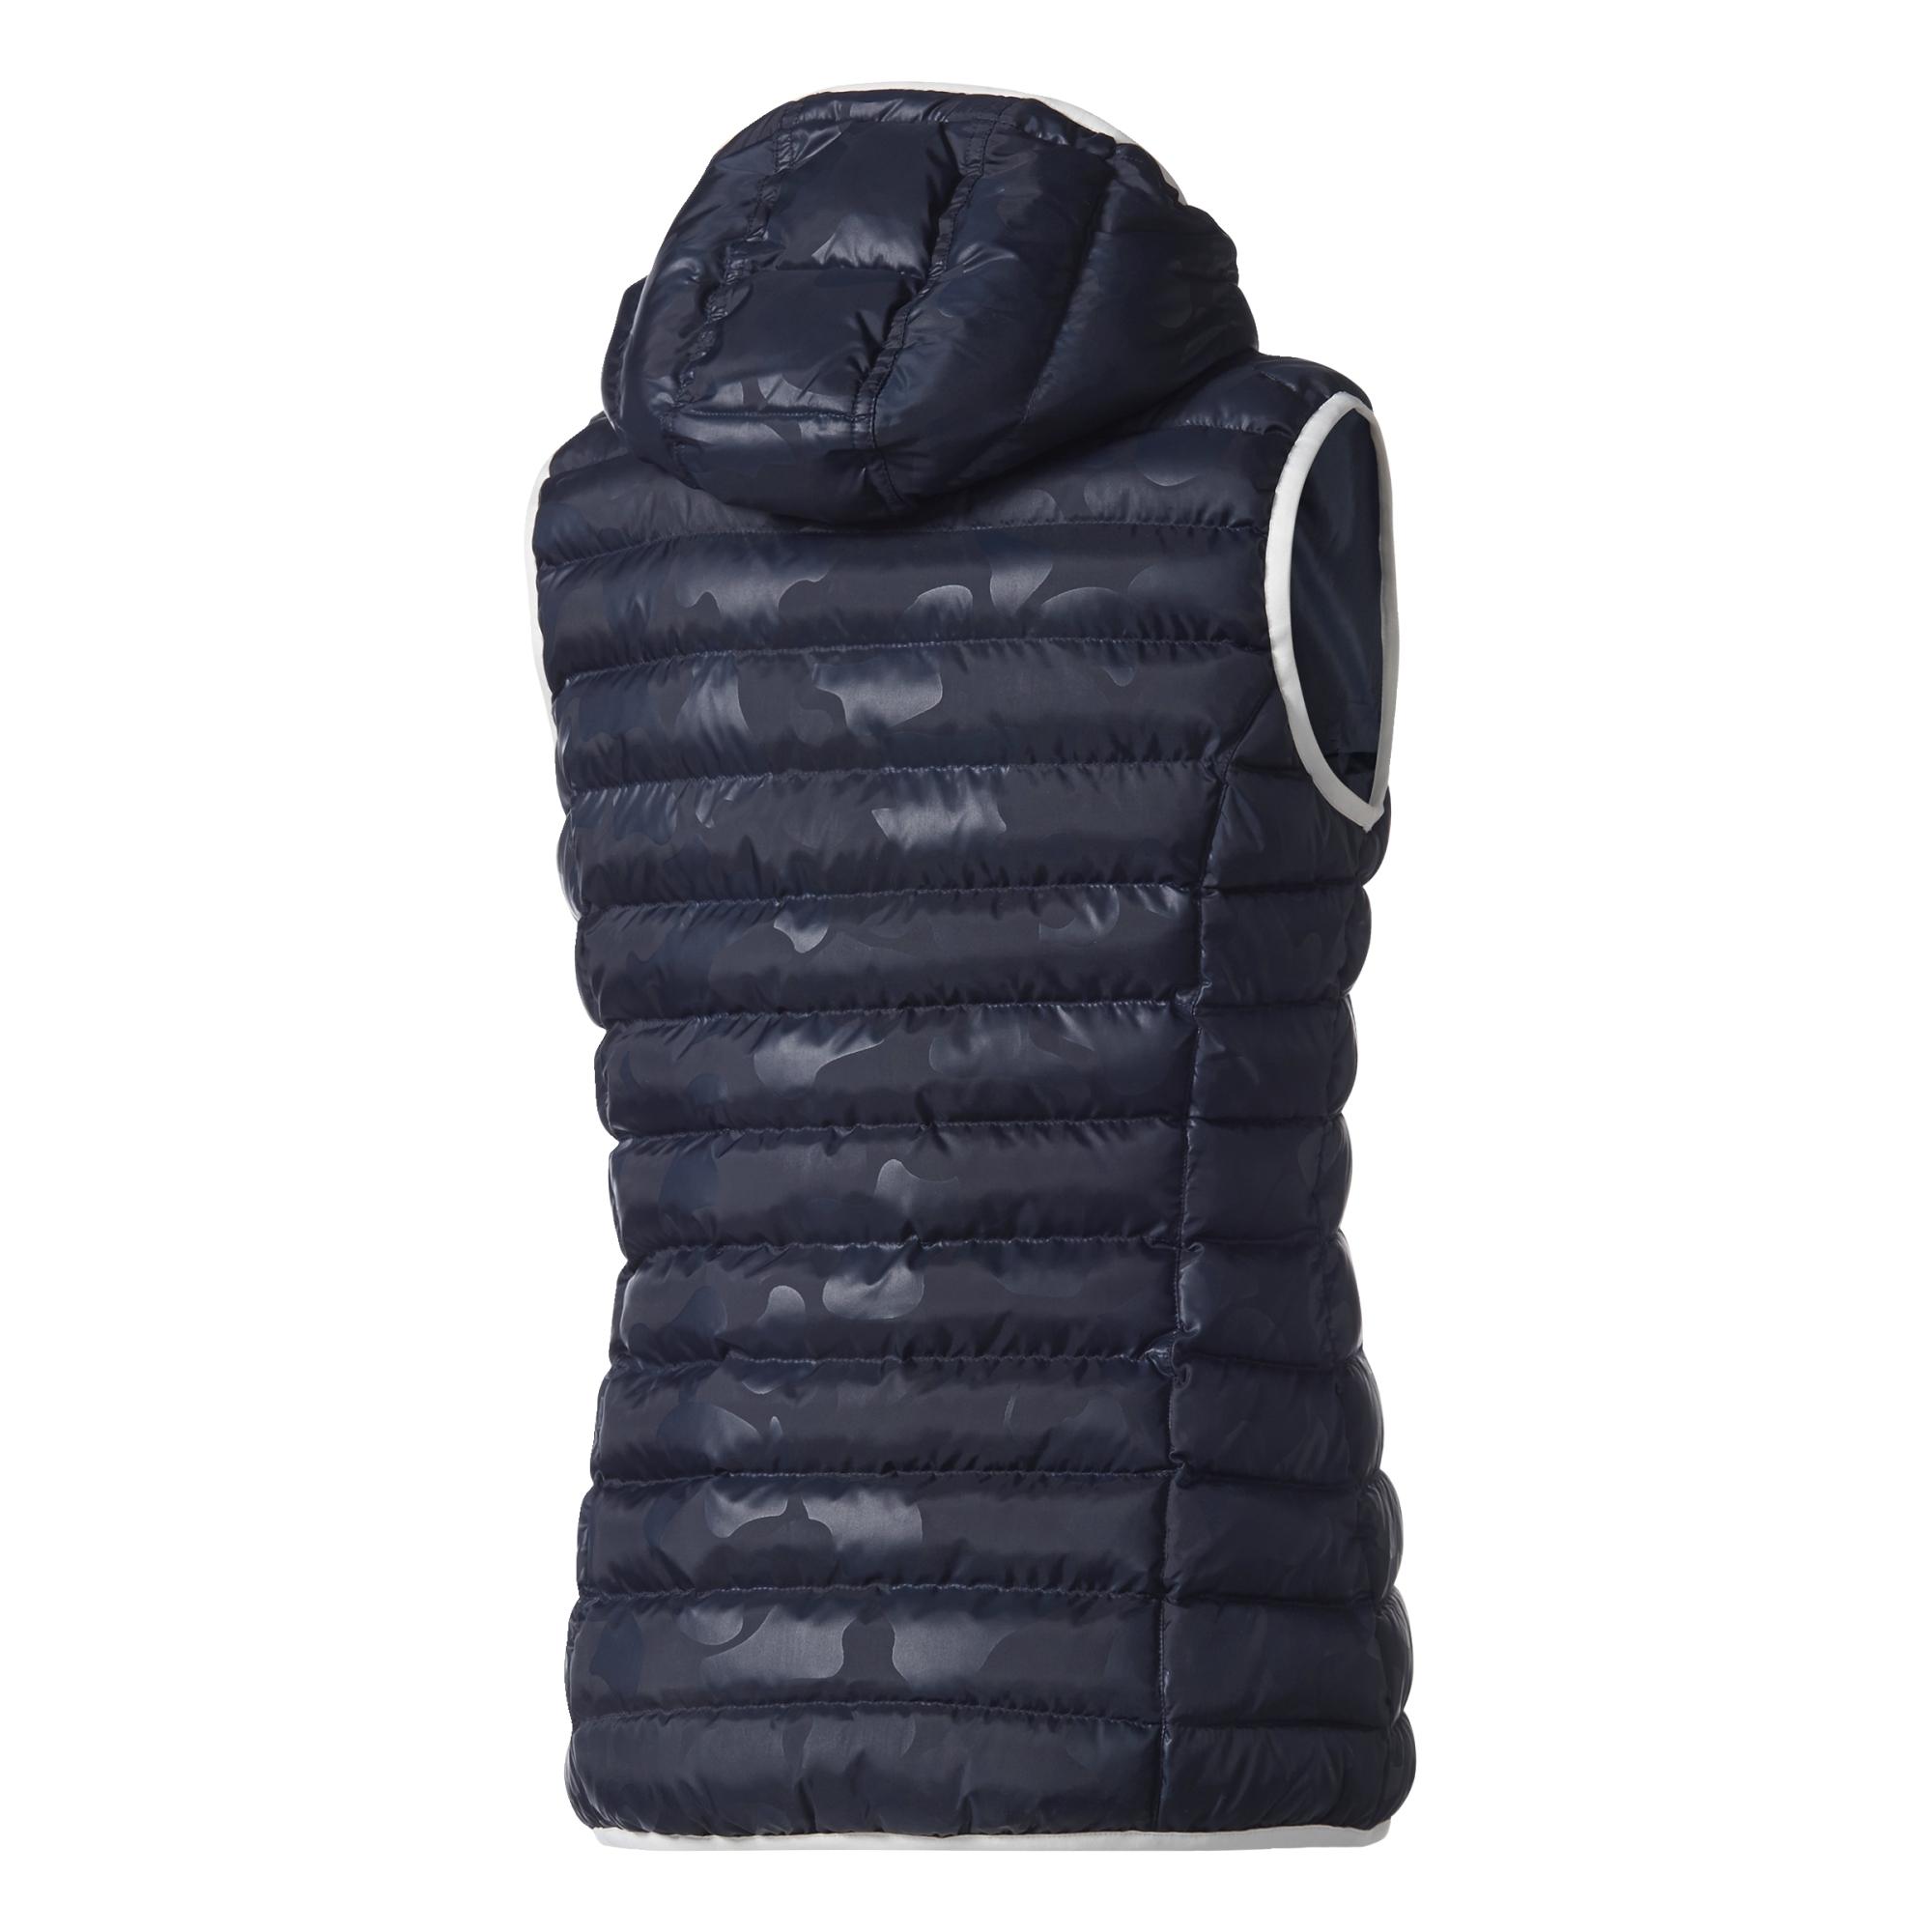 60c6972ea878b bezrękawnik adidas Slim Vest BQ7494 · bezrękawnik adidas Slim Vest BQ7494  ...